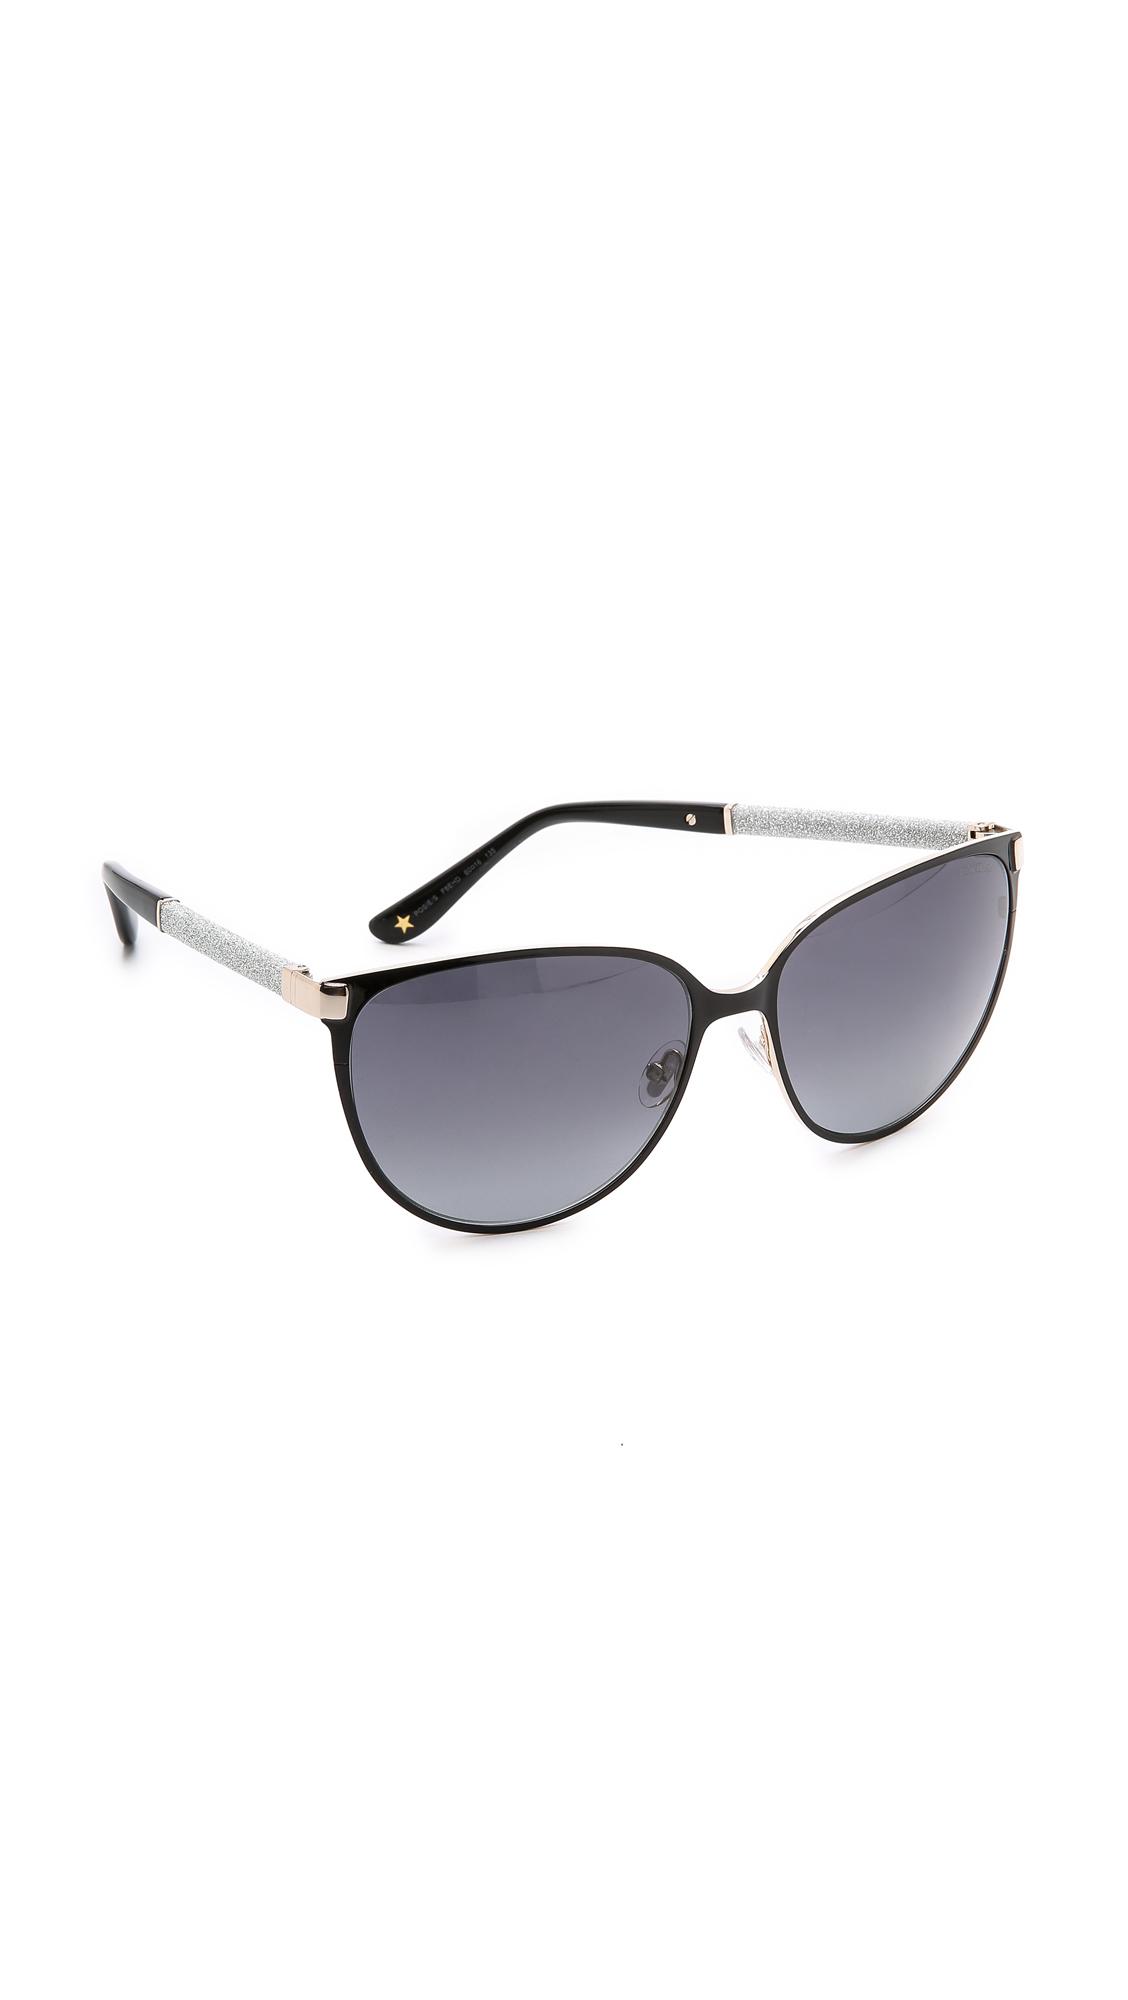 ca8875d6c38 Lyst - Jimmy Choo Posie Sunglasses - Ivory brown in Black